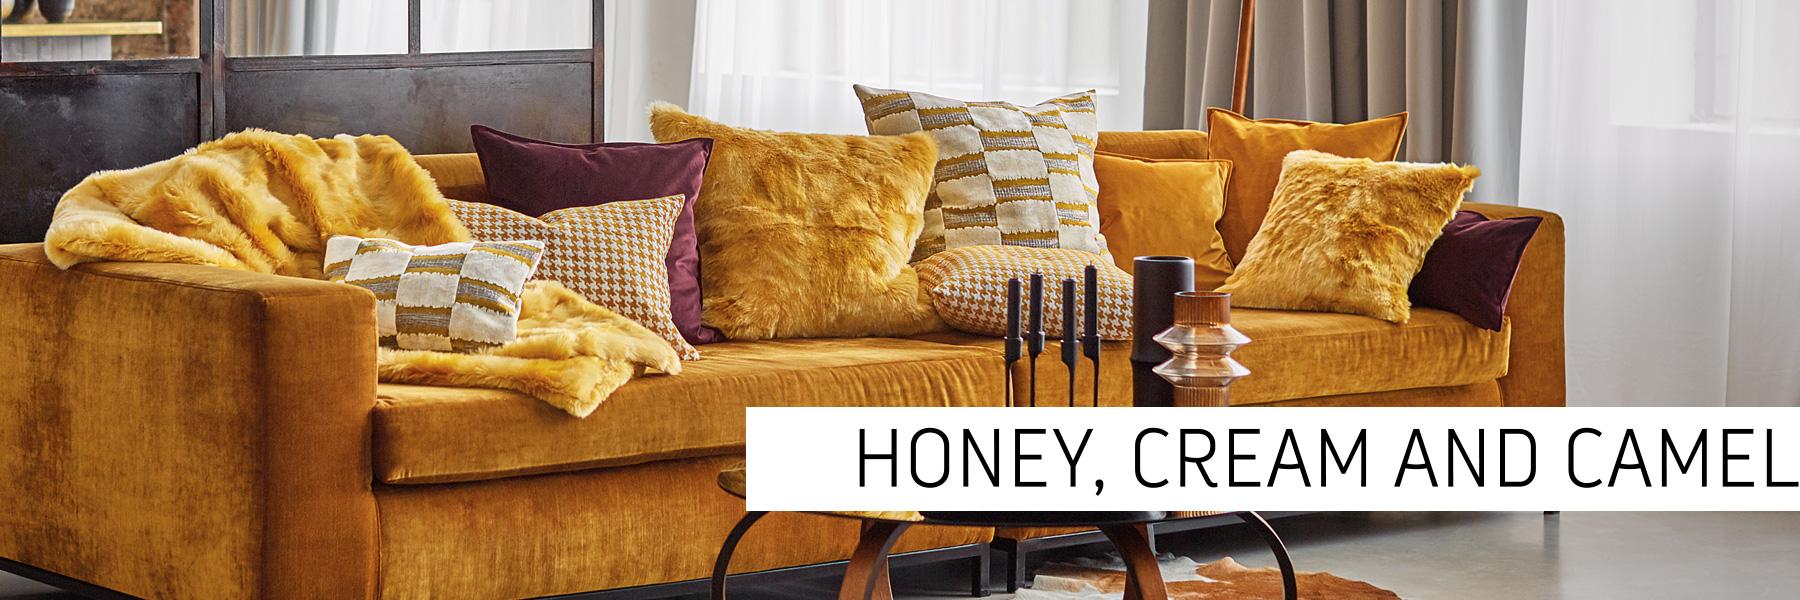 Honey, cream and camel